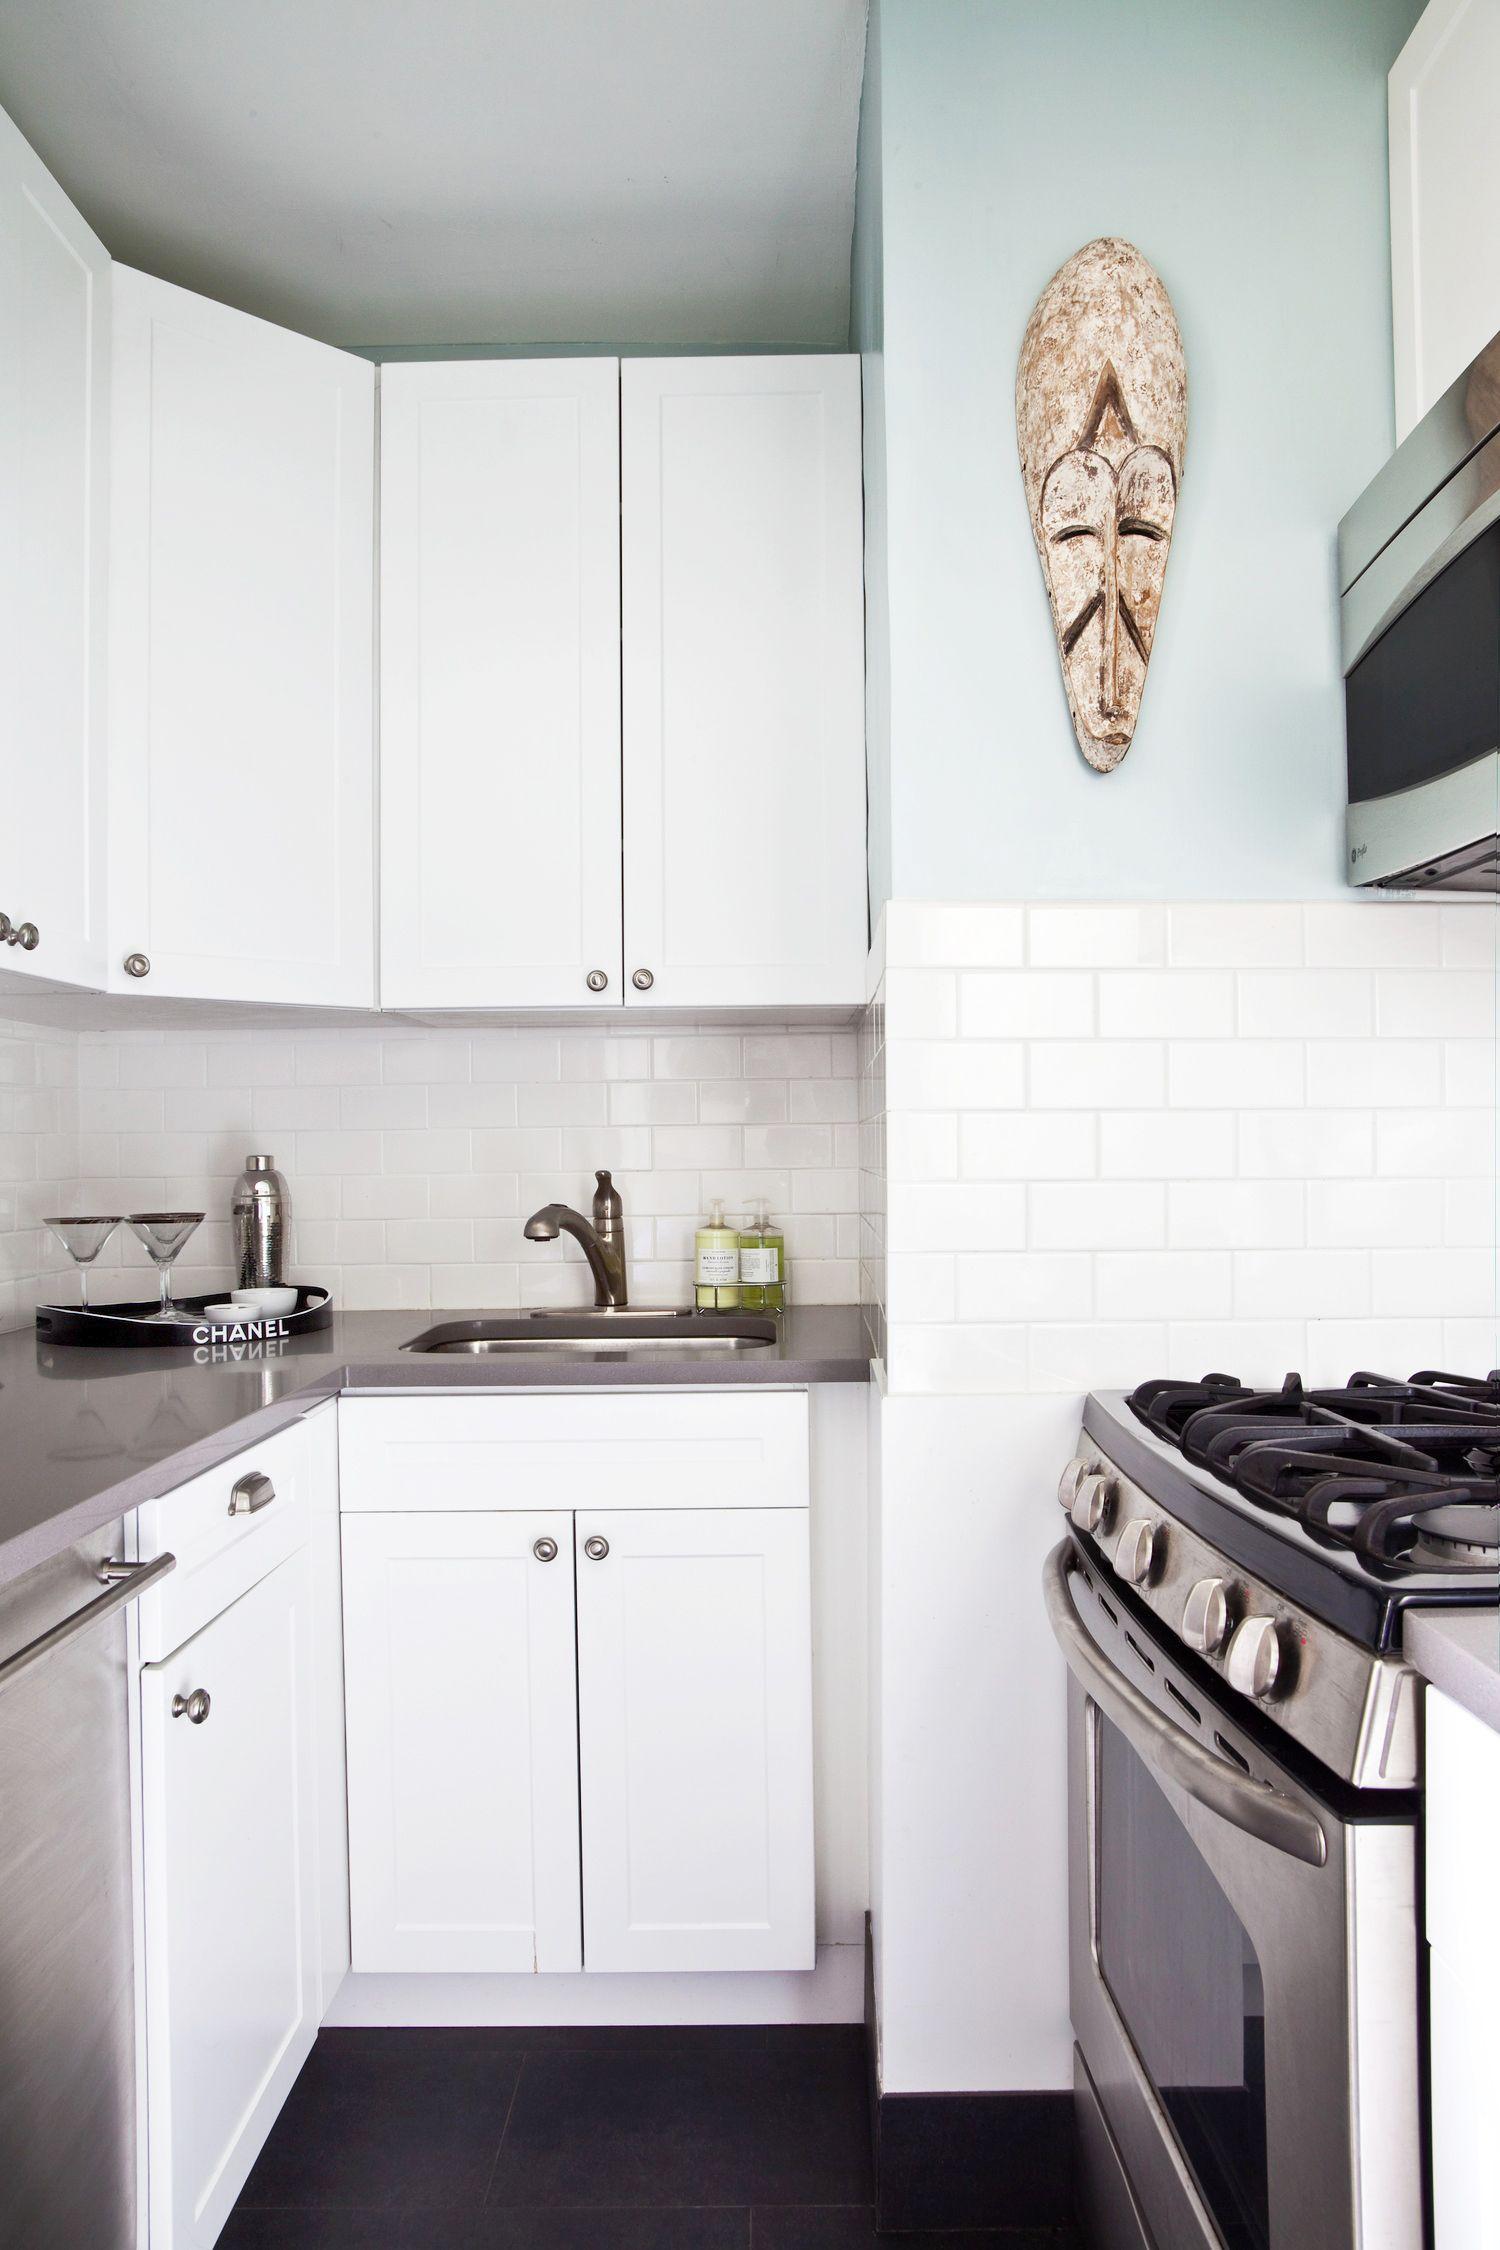 8 Best Kitchen Paint Colors - Ideas for Popular Kitchen Colors